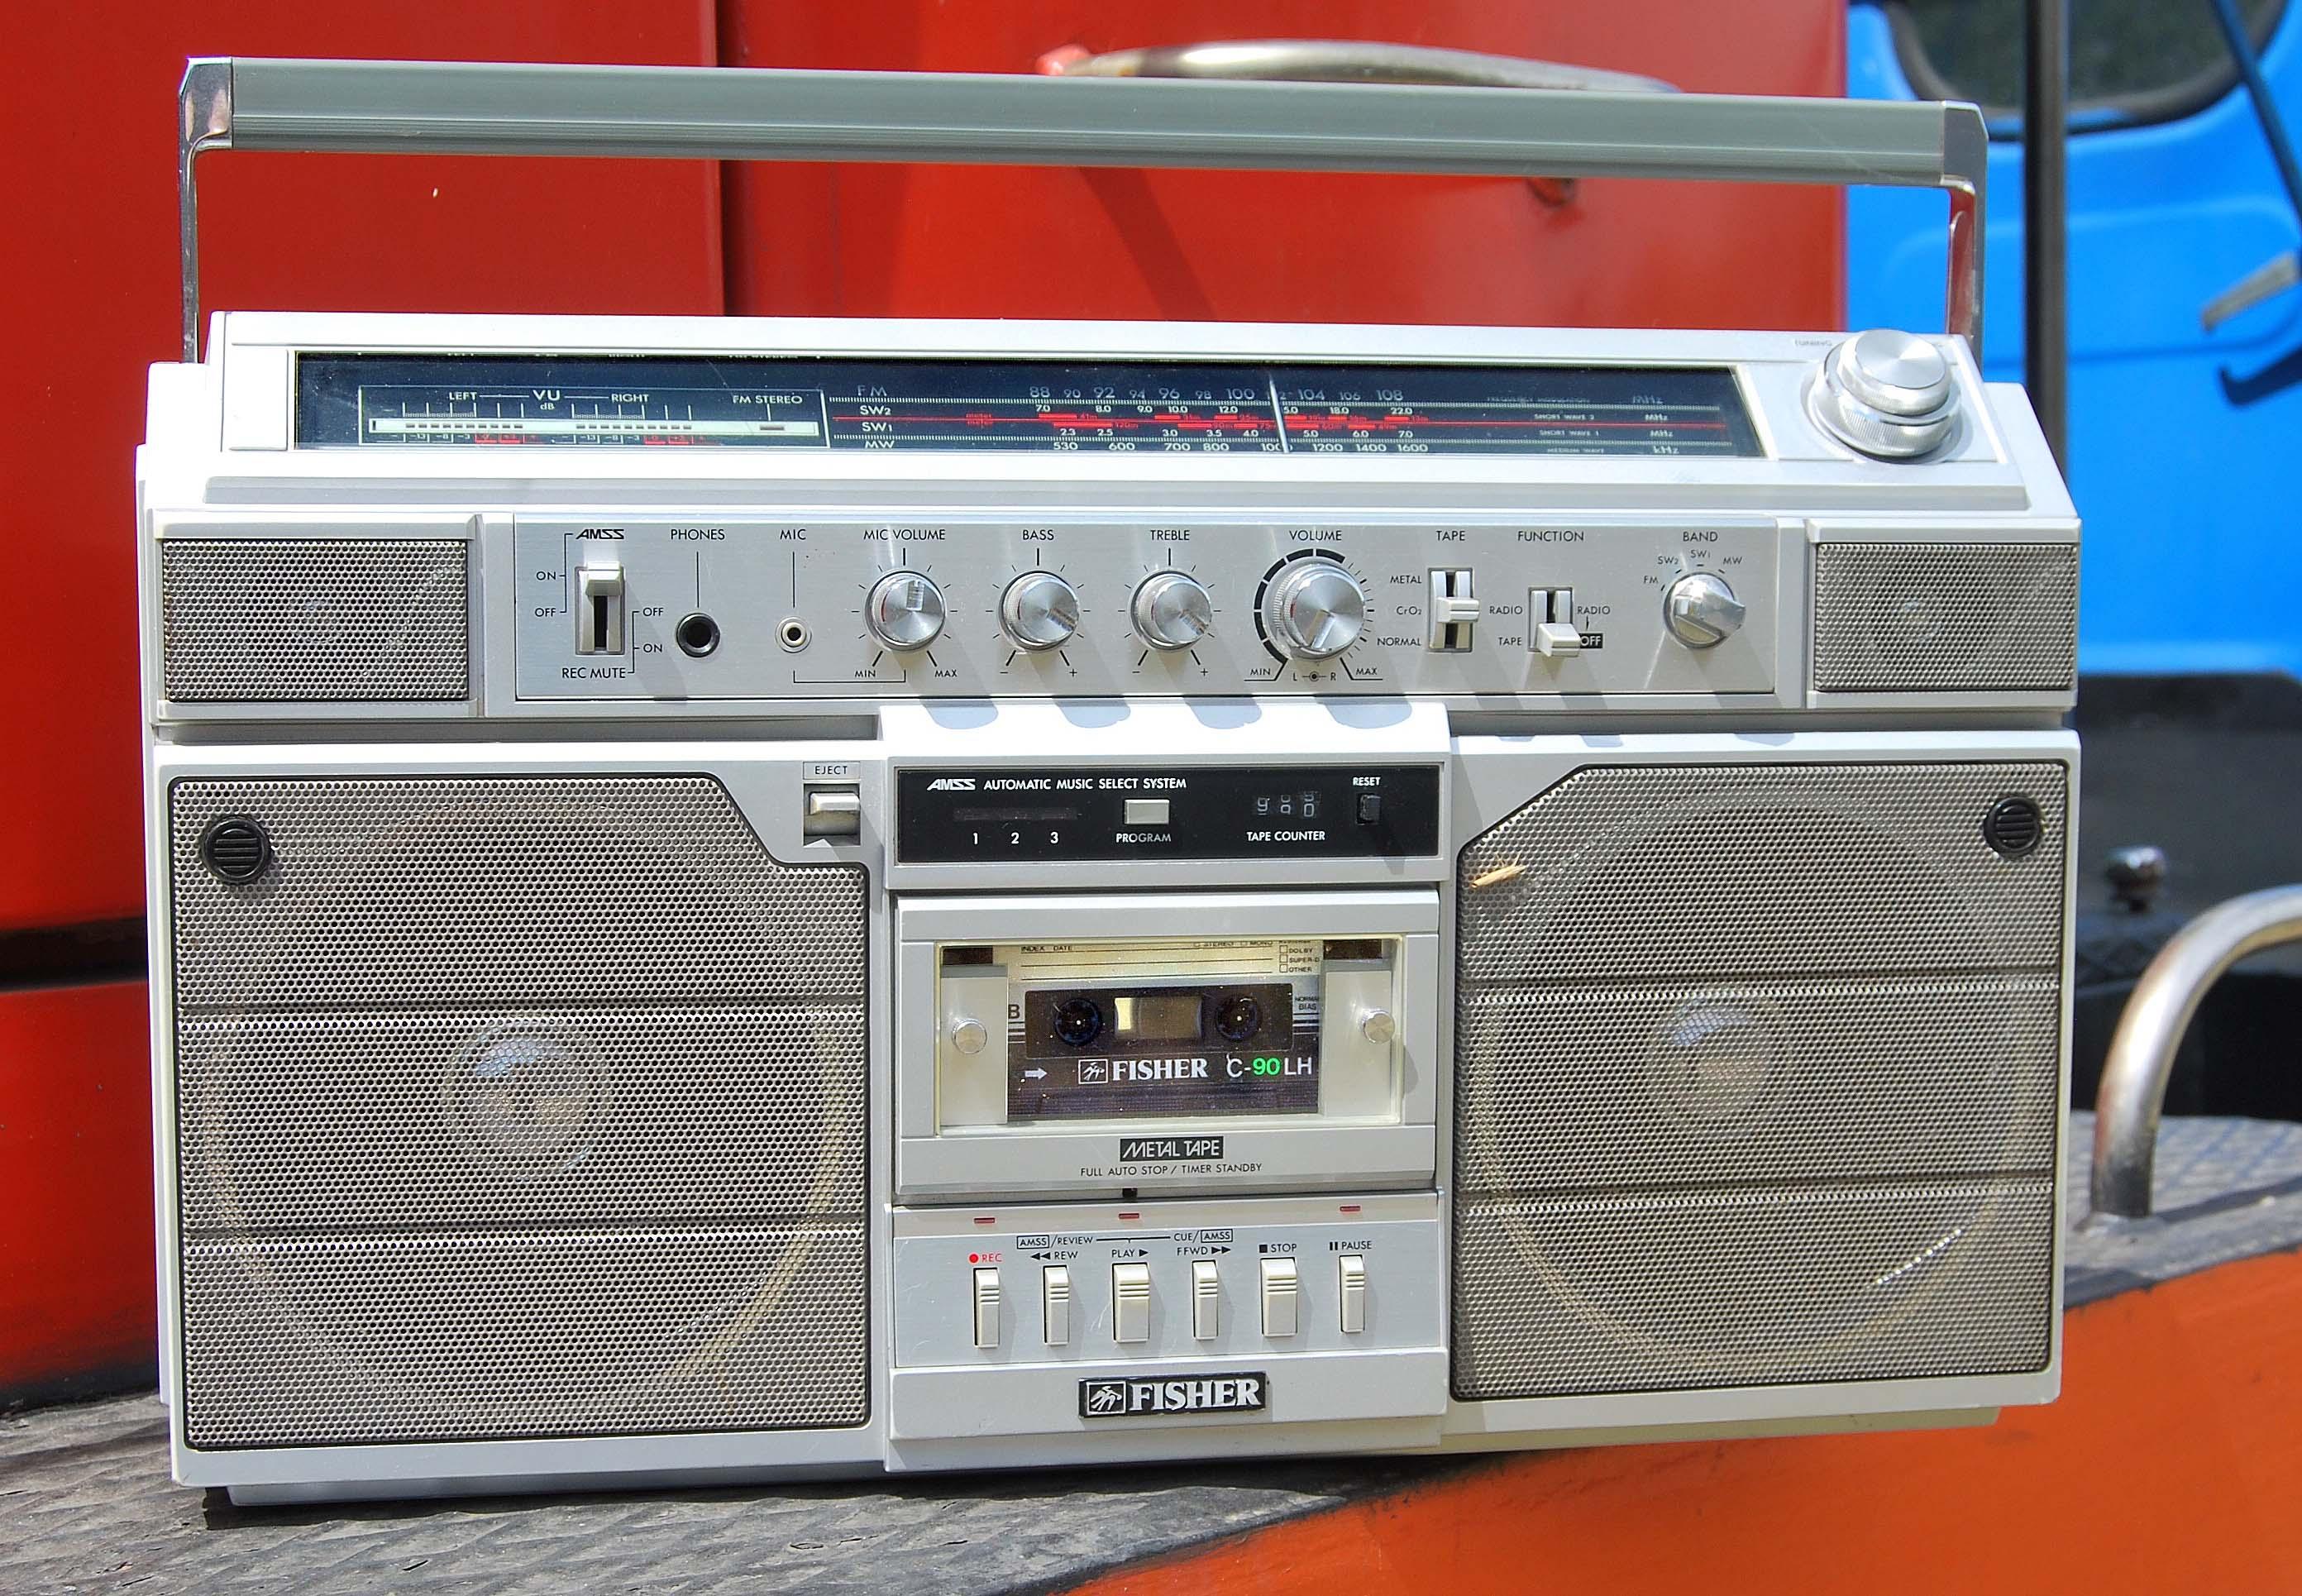 жестами могут советские двухкассетные магнитофоны фото счастью, прошли времена